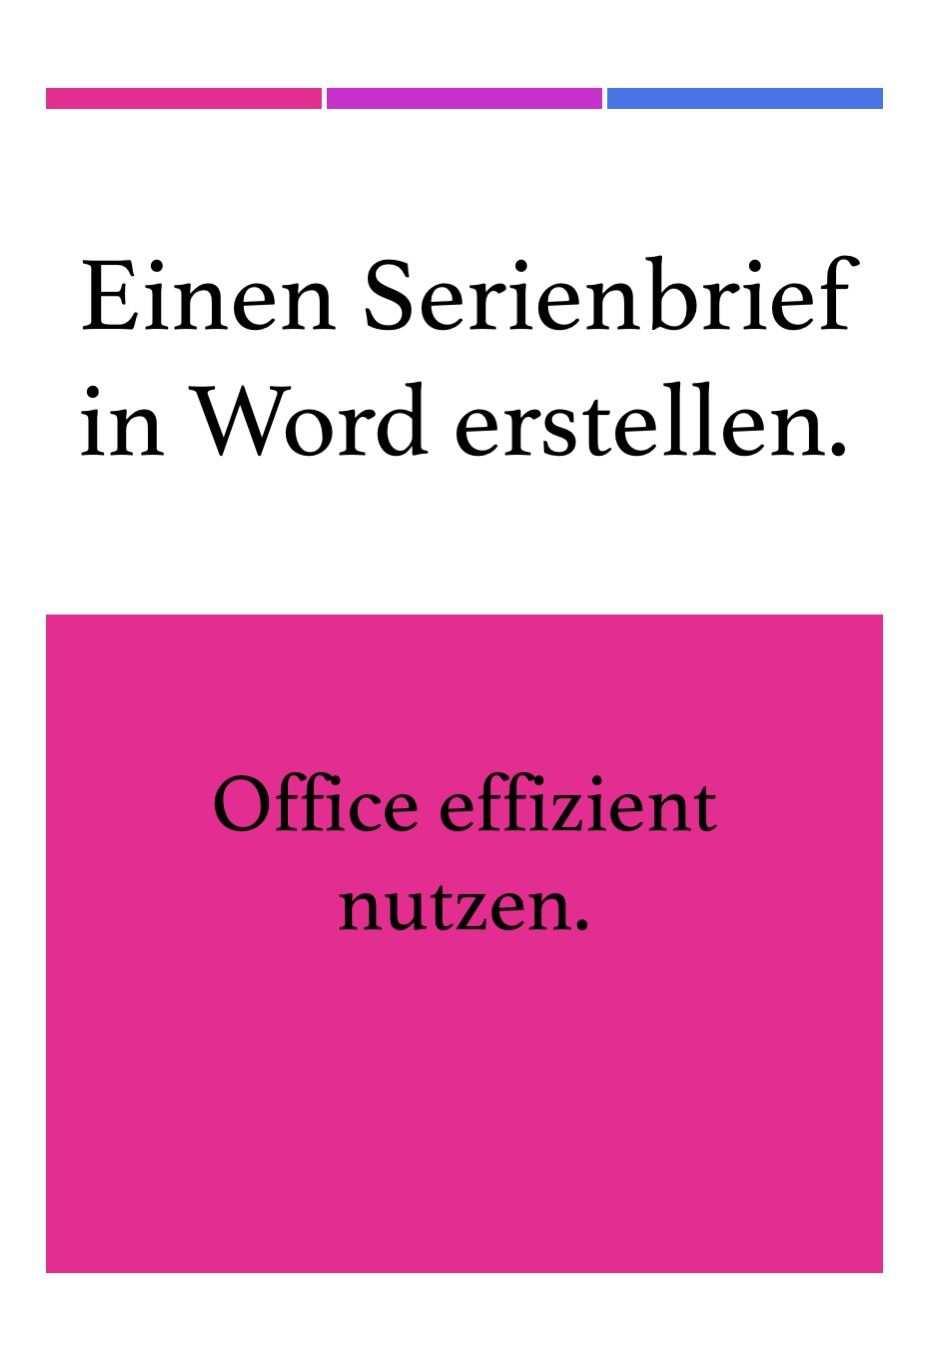 Einen Serienbrief In Word Erstellen Schritt Fur Schritt Anleitung